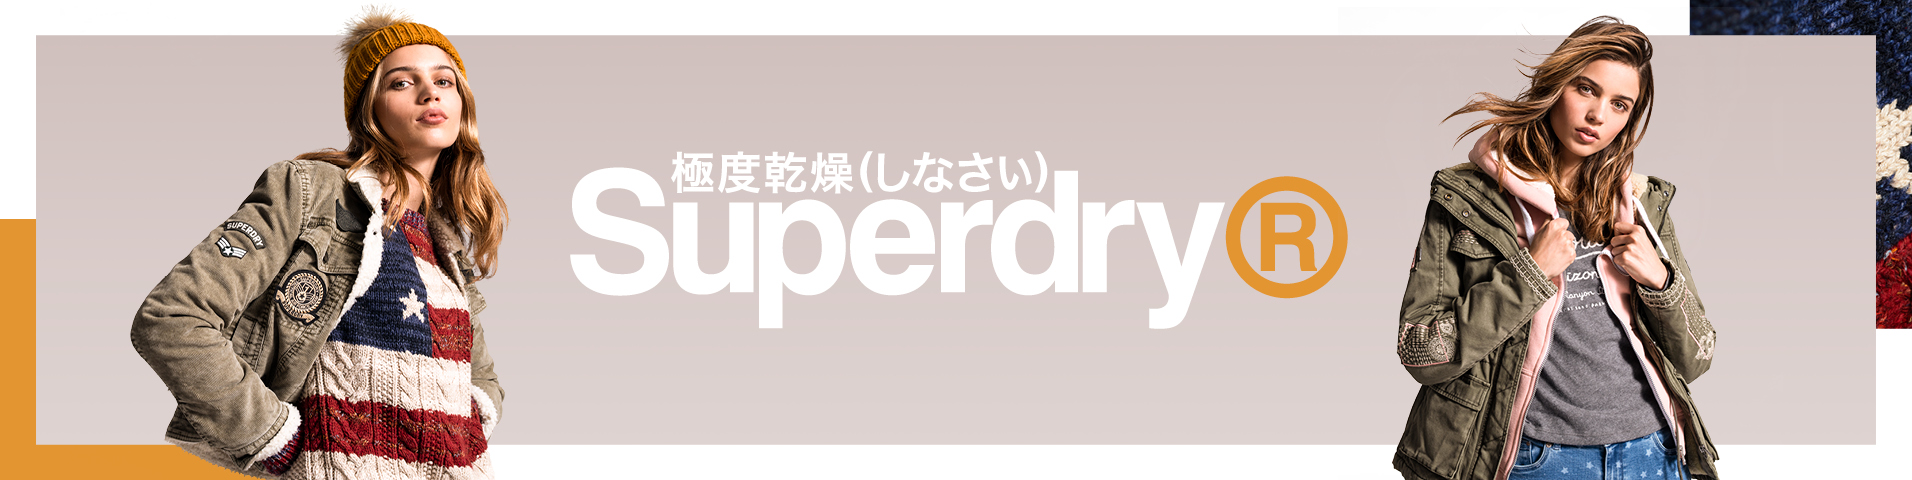 Sur Superdry Commandez Vêtements En Zalando Maintenant Dès Ligne Femme 00rI6